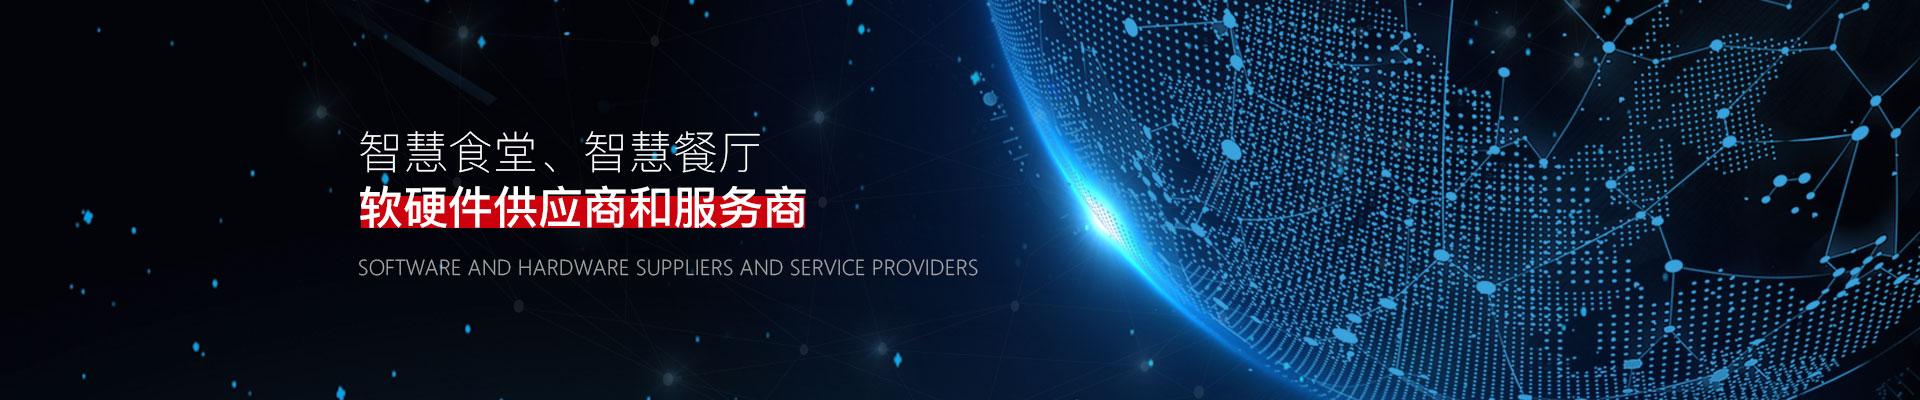 智慧食堂、智慧餐厅软硬件供应商和服务商-大唐智讯